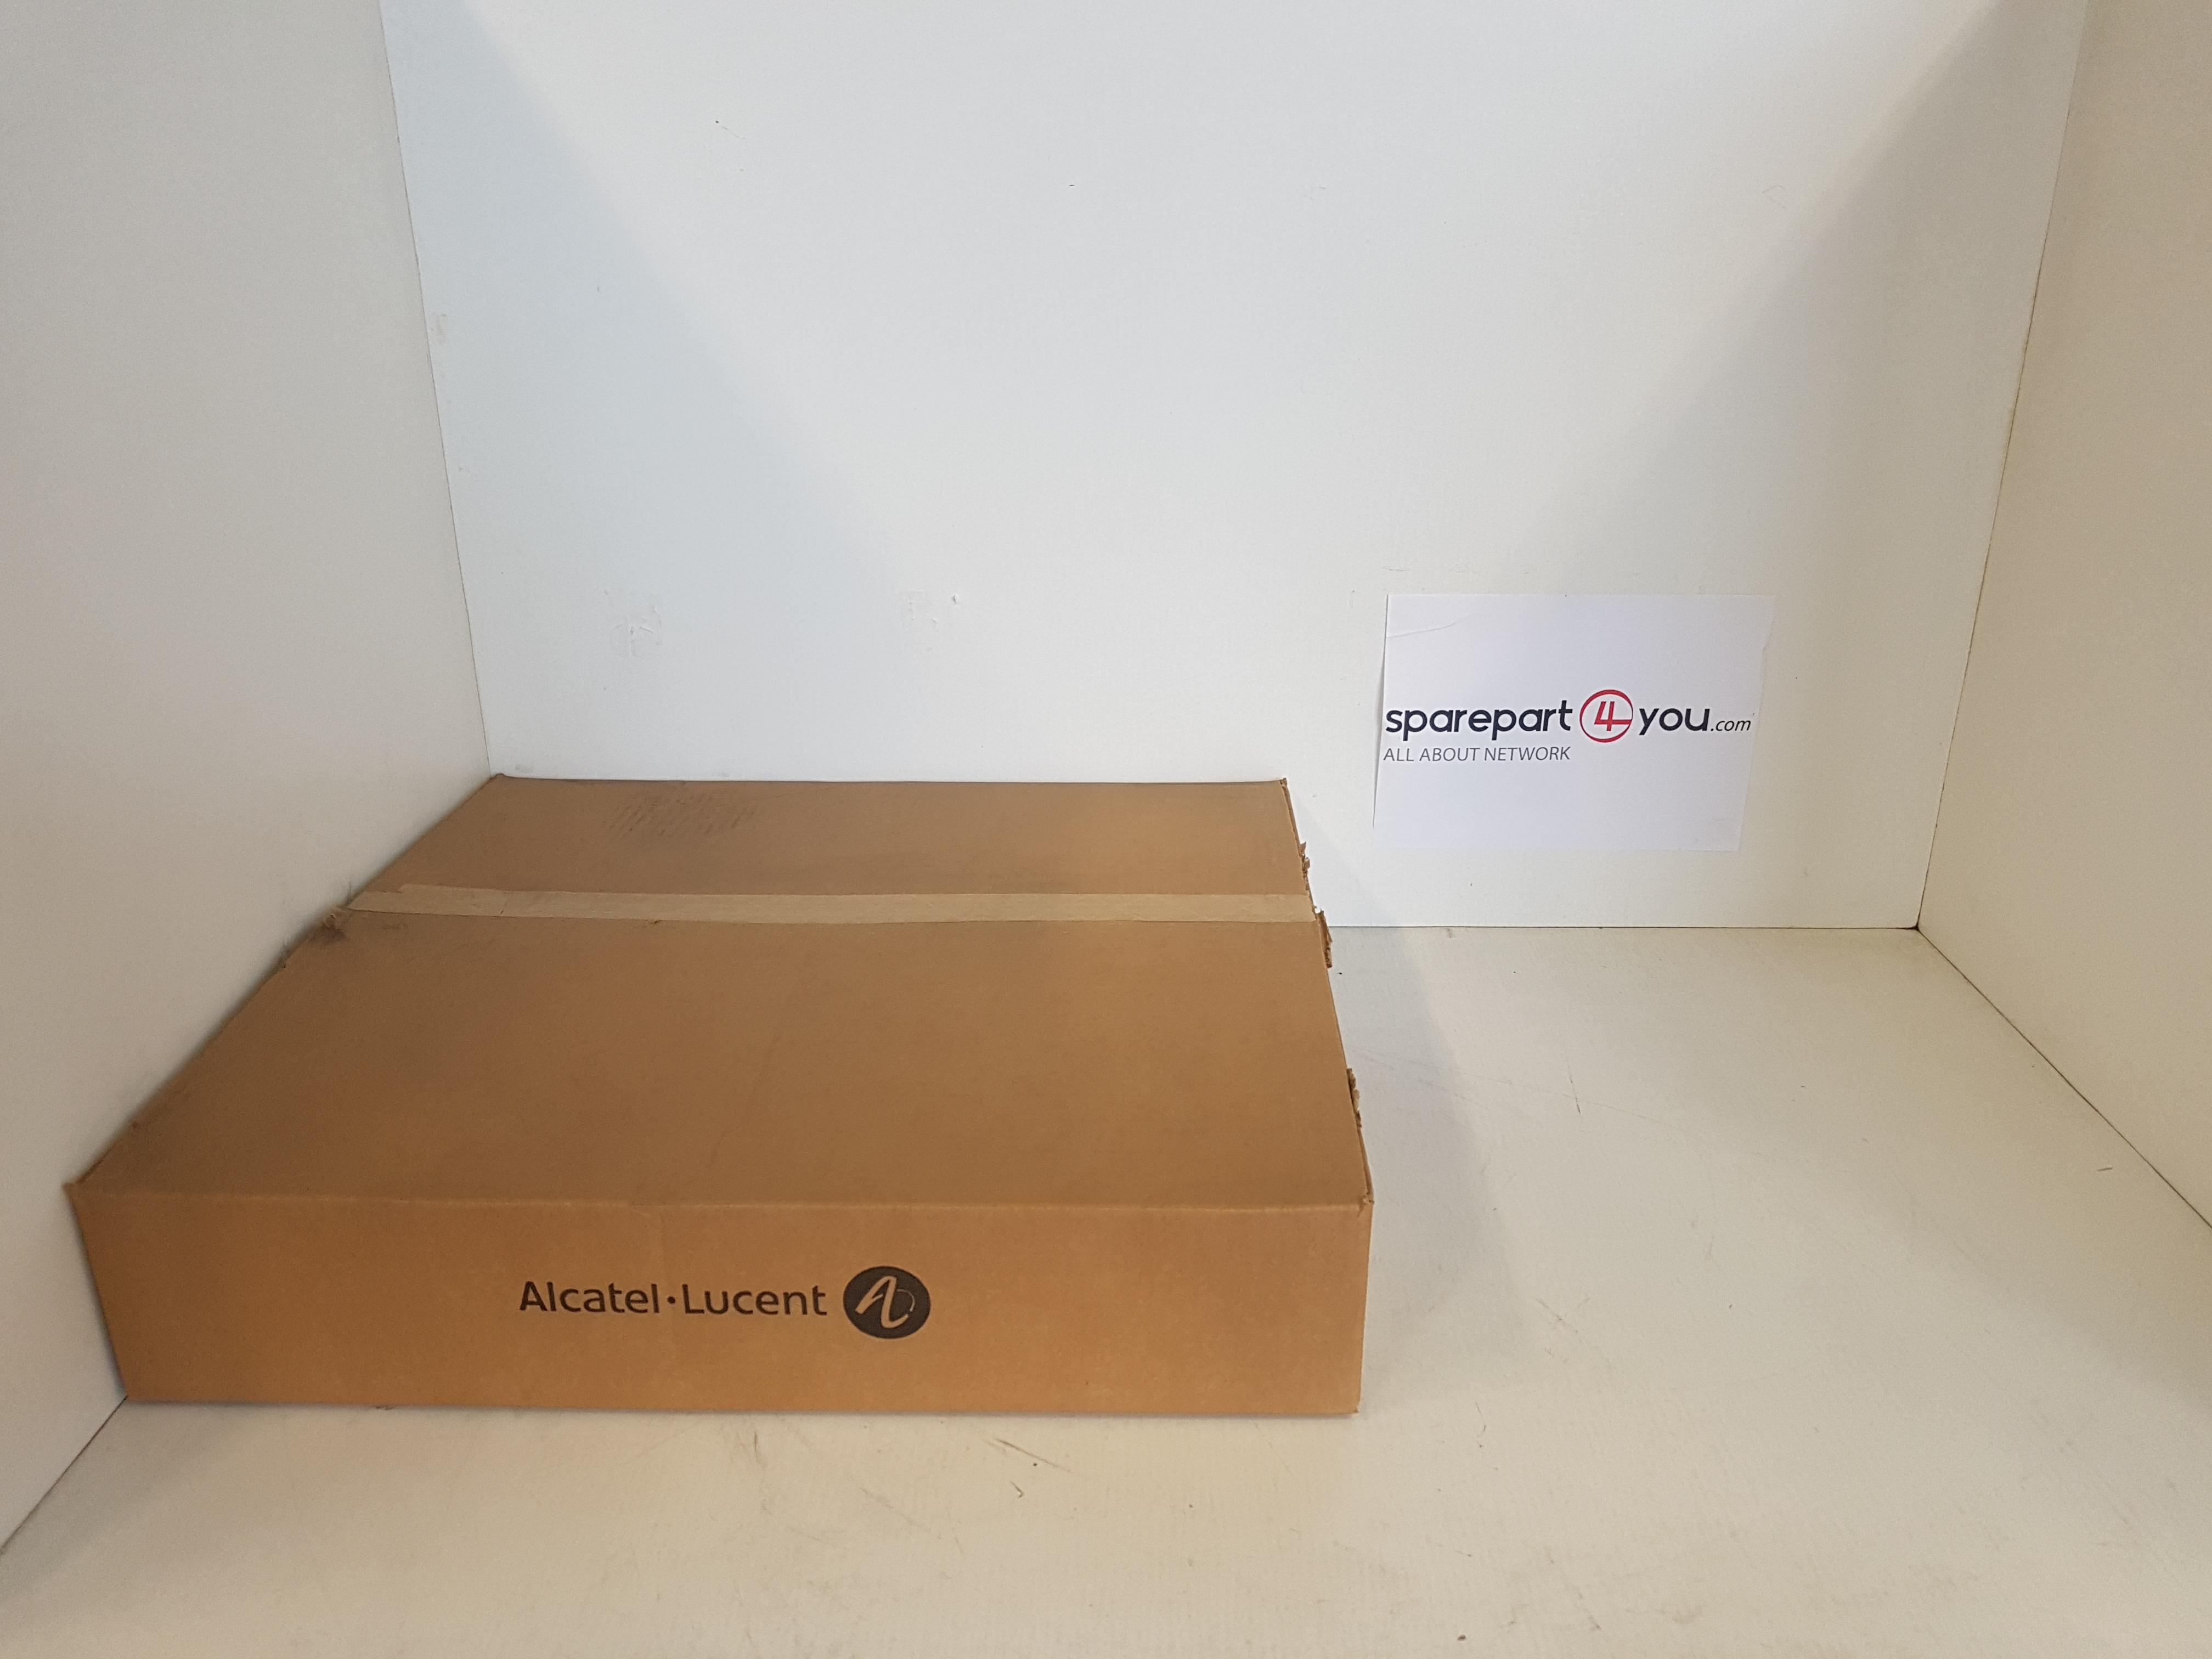 ALCATEL 7750 SR 400G SF/CPM - Sparepart4you